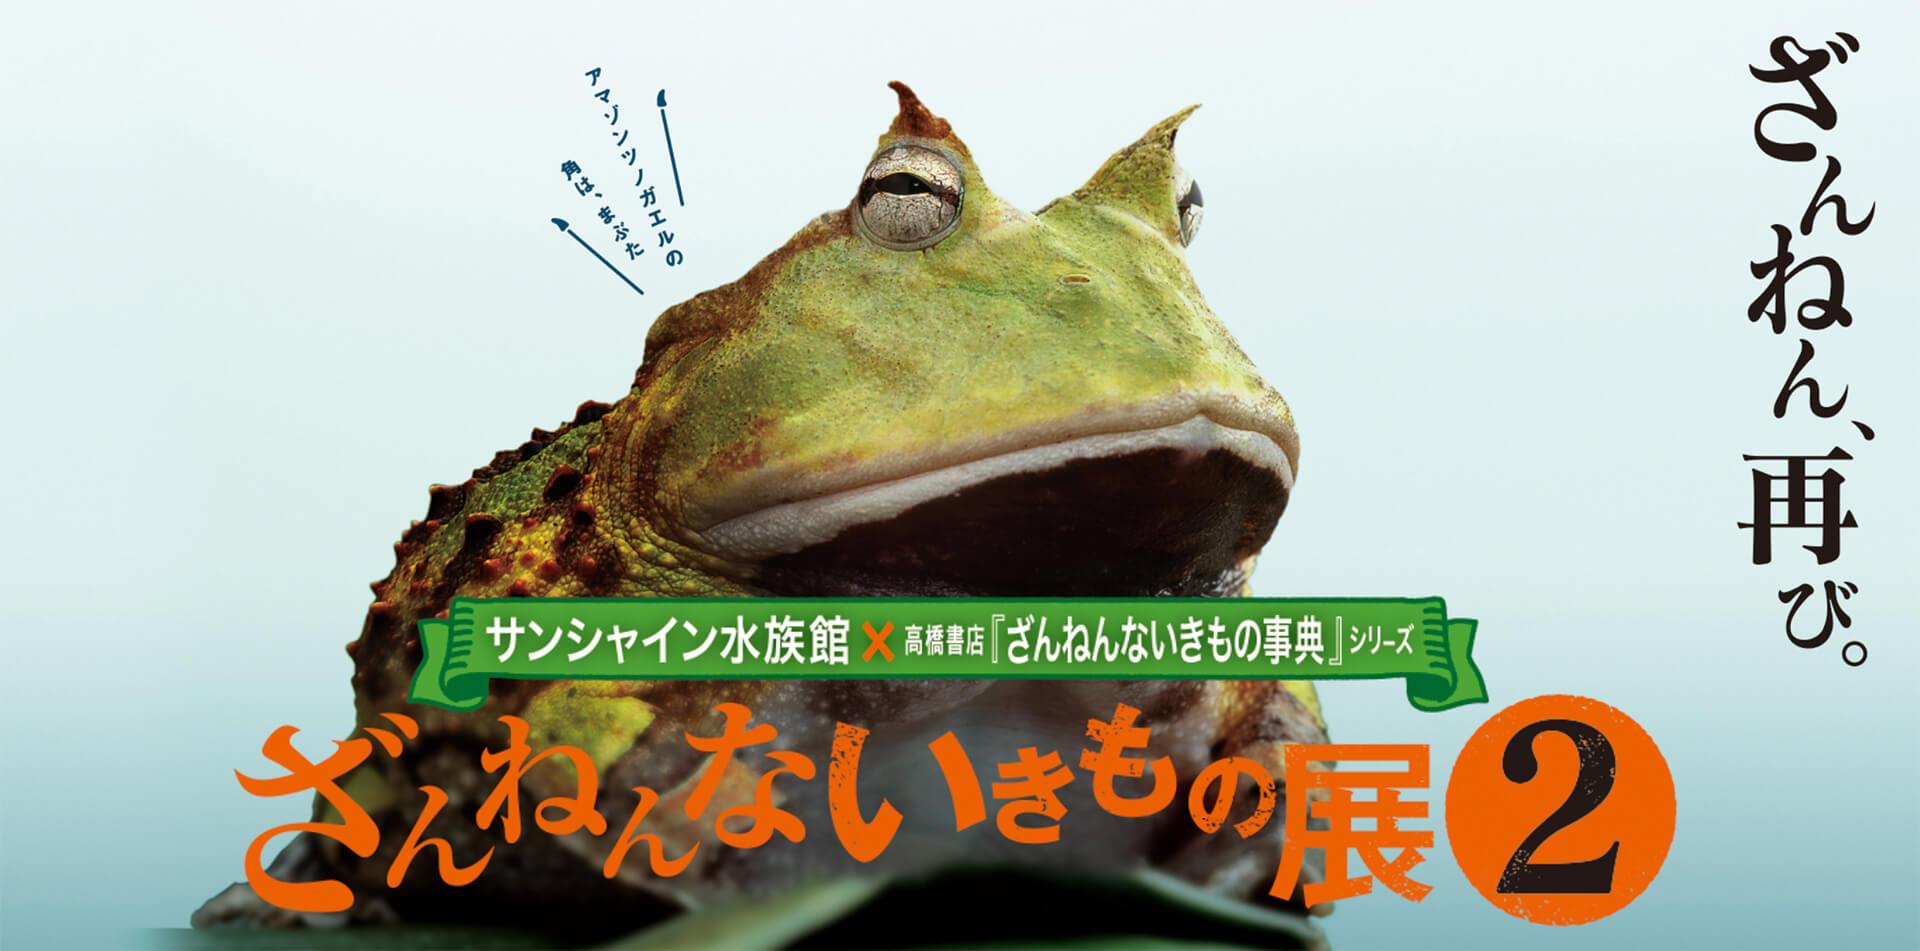 ざんねんないきもの展2